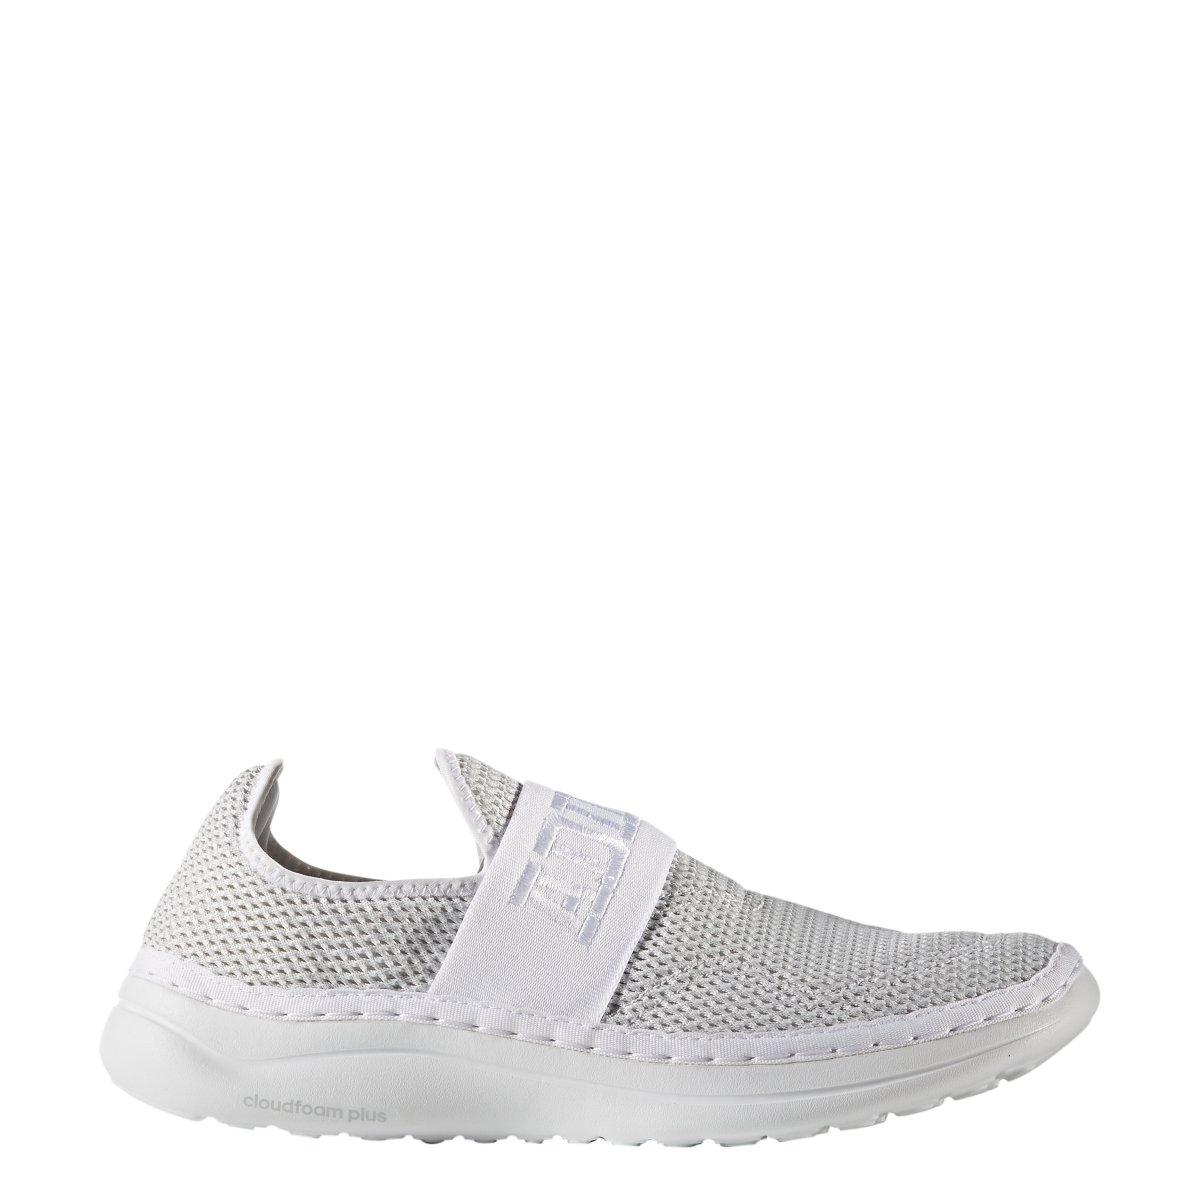 6173b1eddc72 adidas Cloudfoam Plus ZEN Recovery Shoe